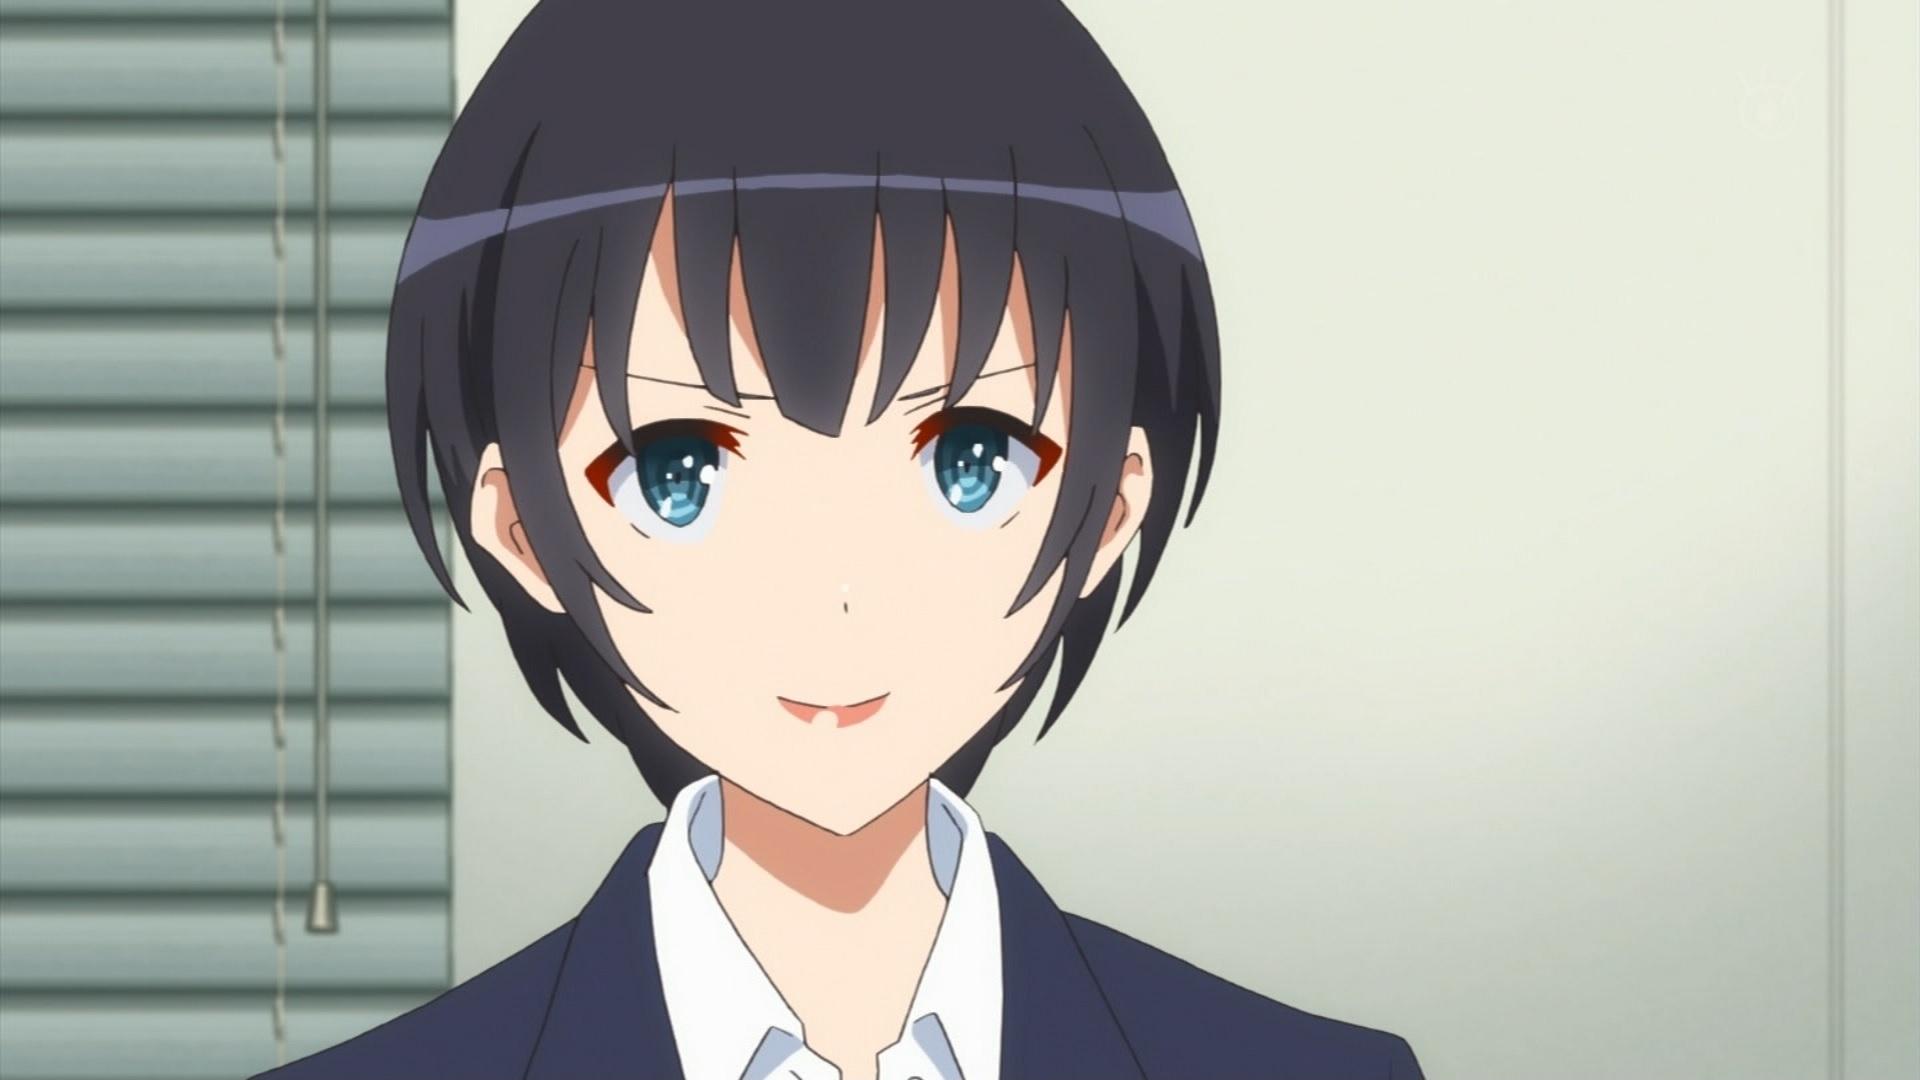 町田苑子,冴えない彼女の育てかた9話より